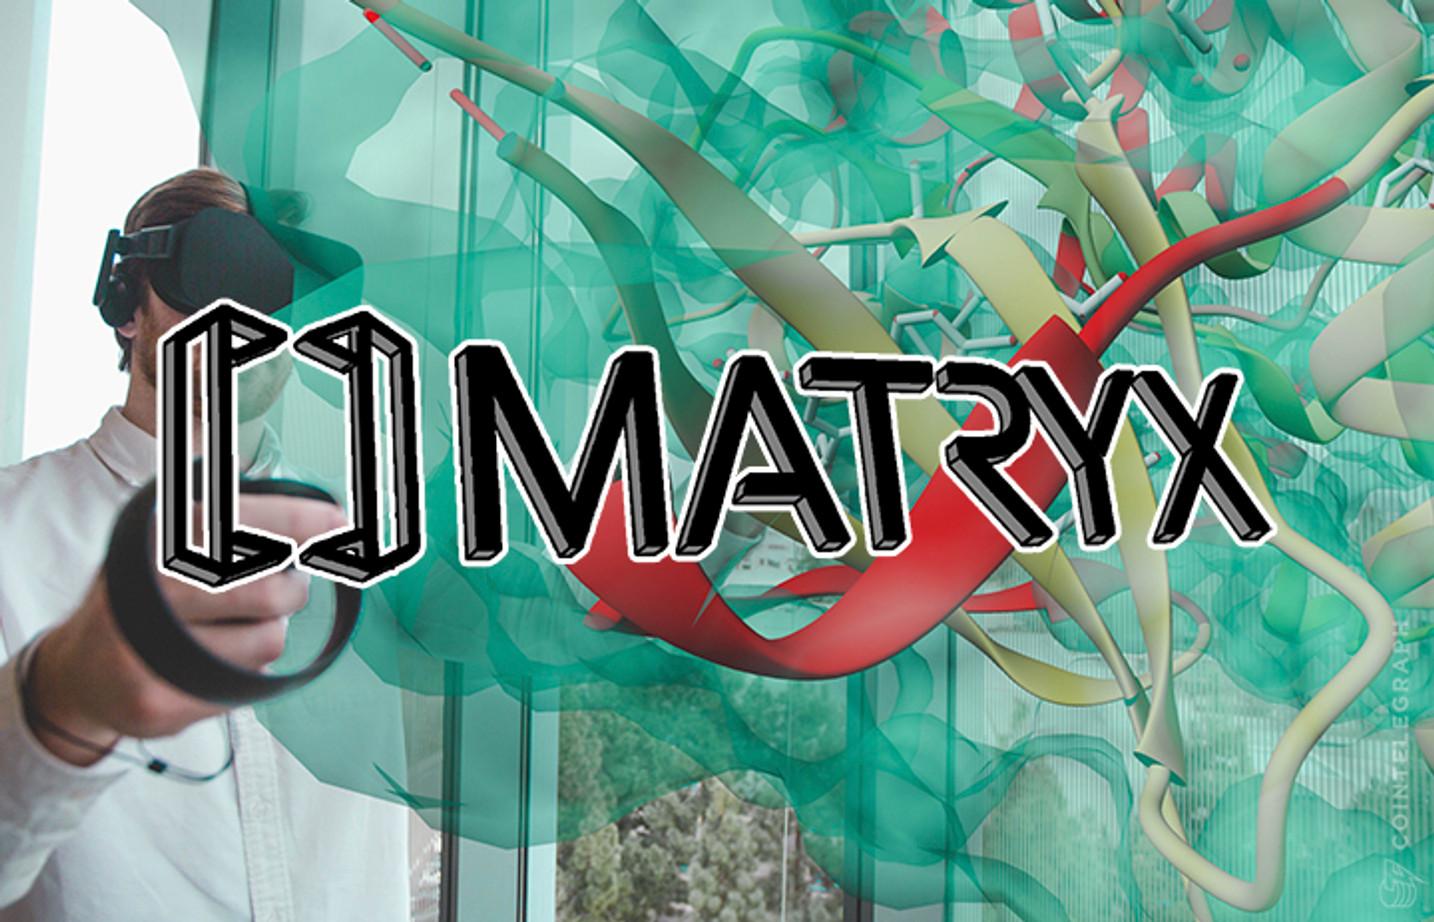 Desarrolldar de software de realidad virtual presenta a Matryx en venta de tokens